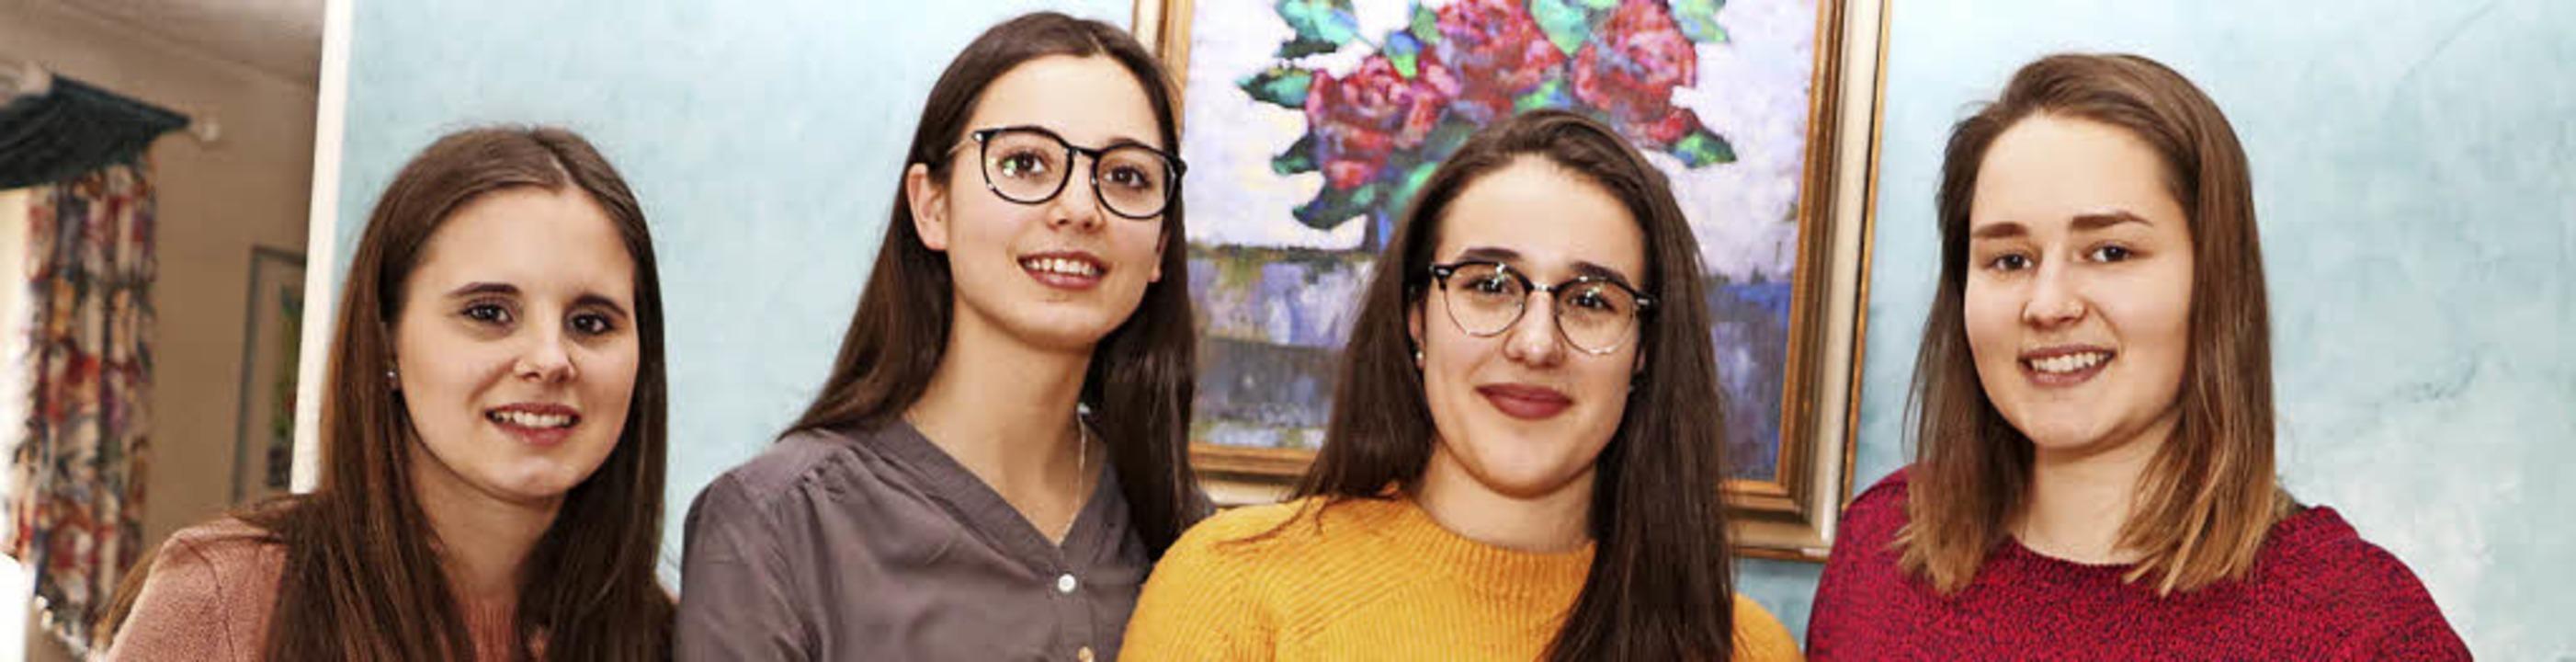 Noemi Filia, Lisa Hertenstein, Louisa ...werbung um den Deutschen Gründerpreis.  | Foto: Martha Weishaar